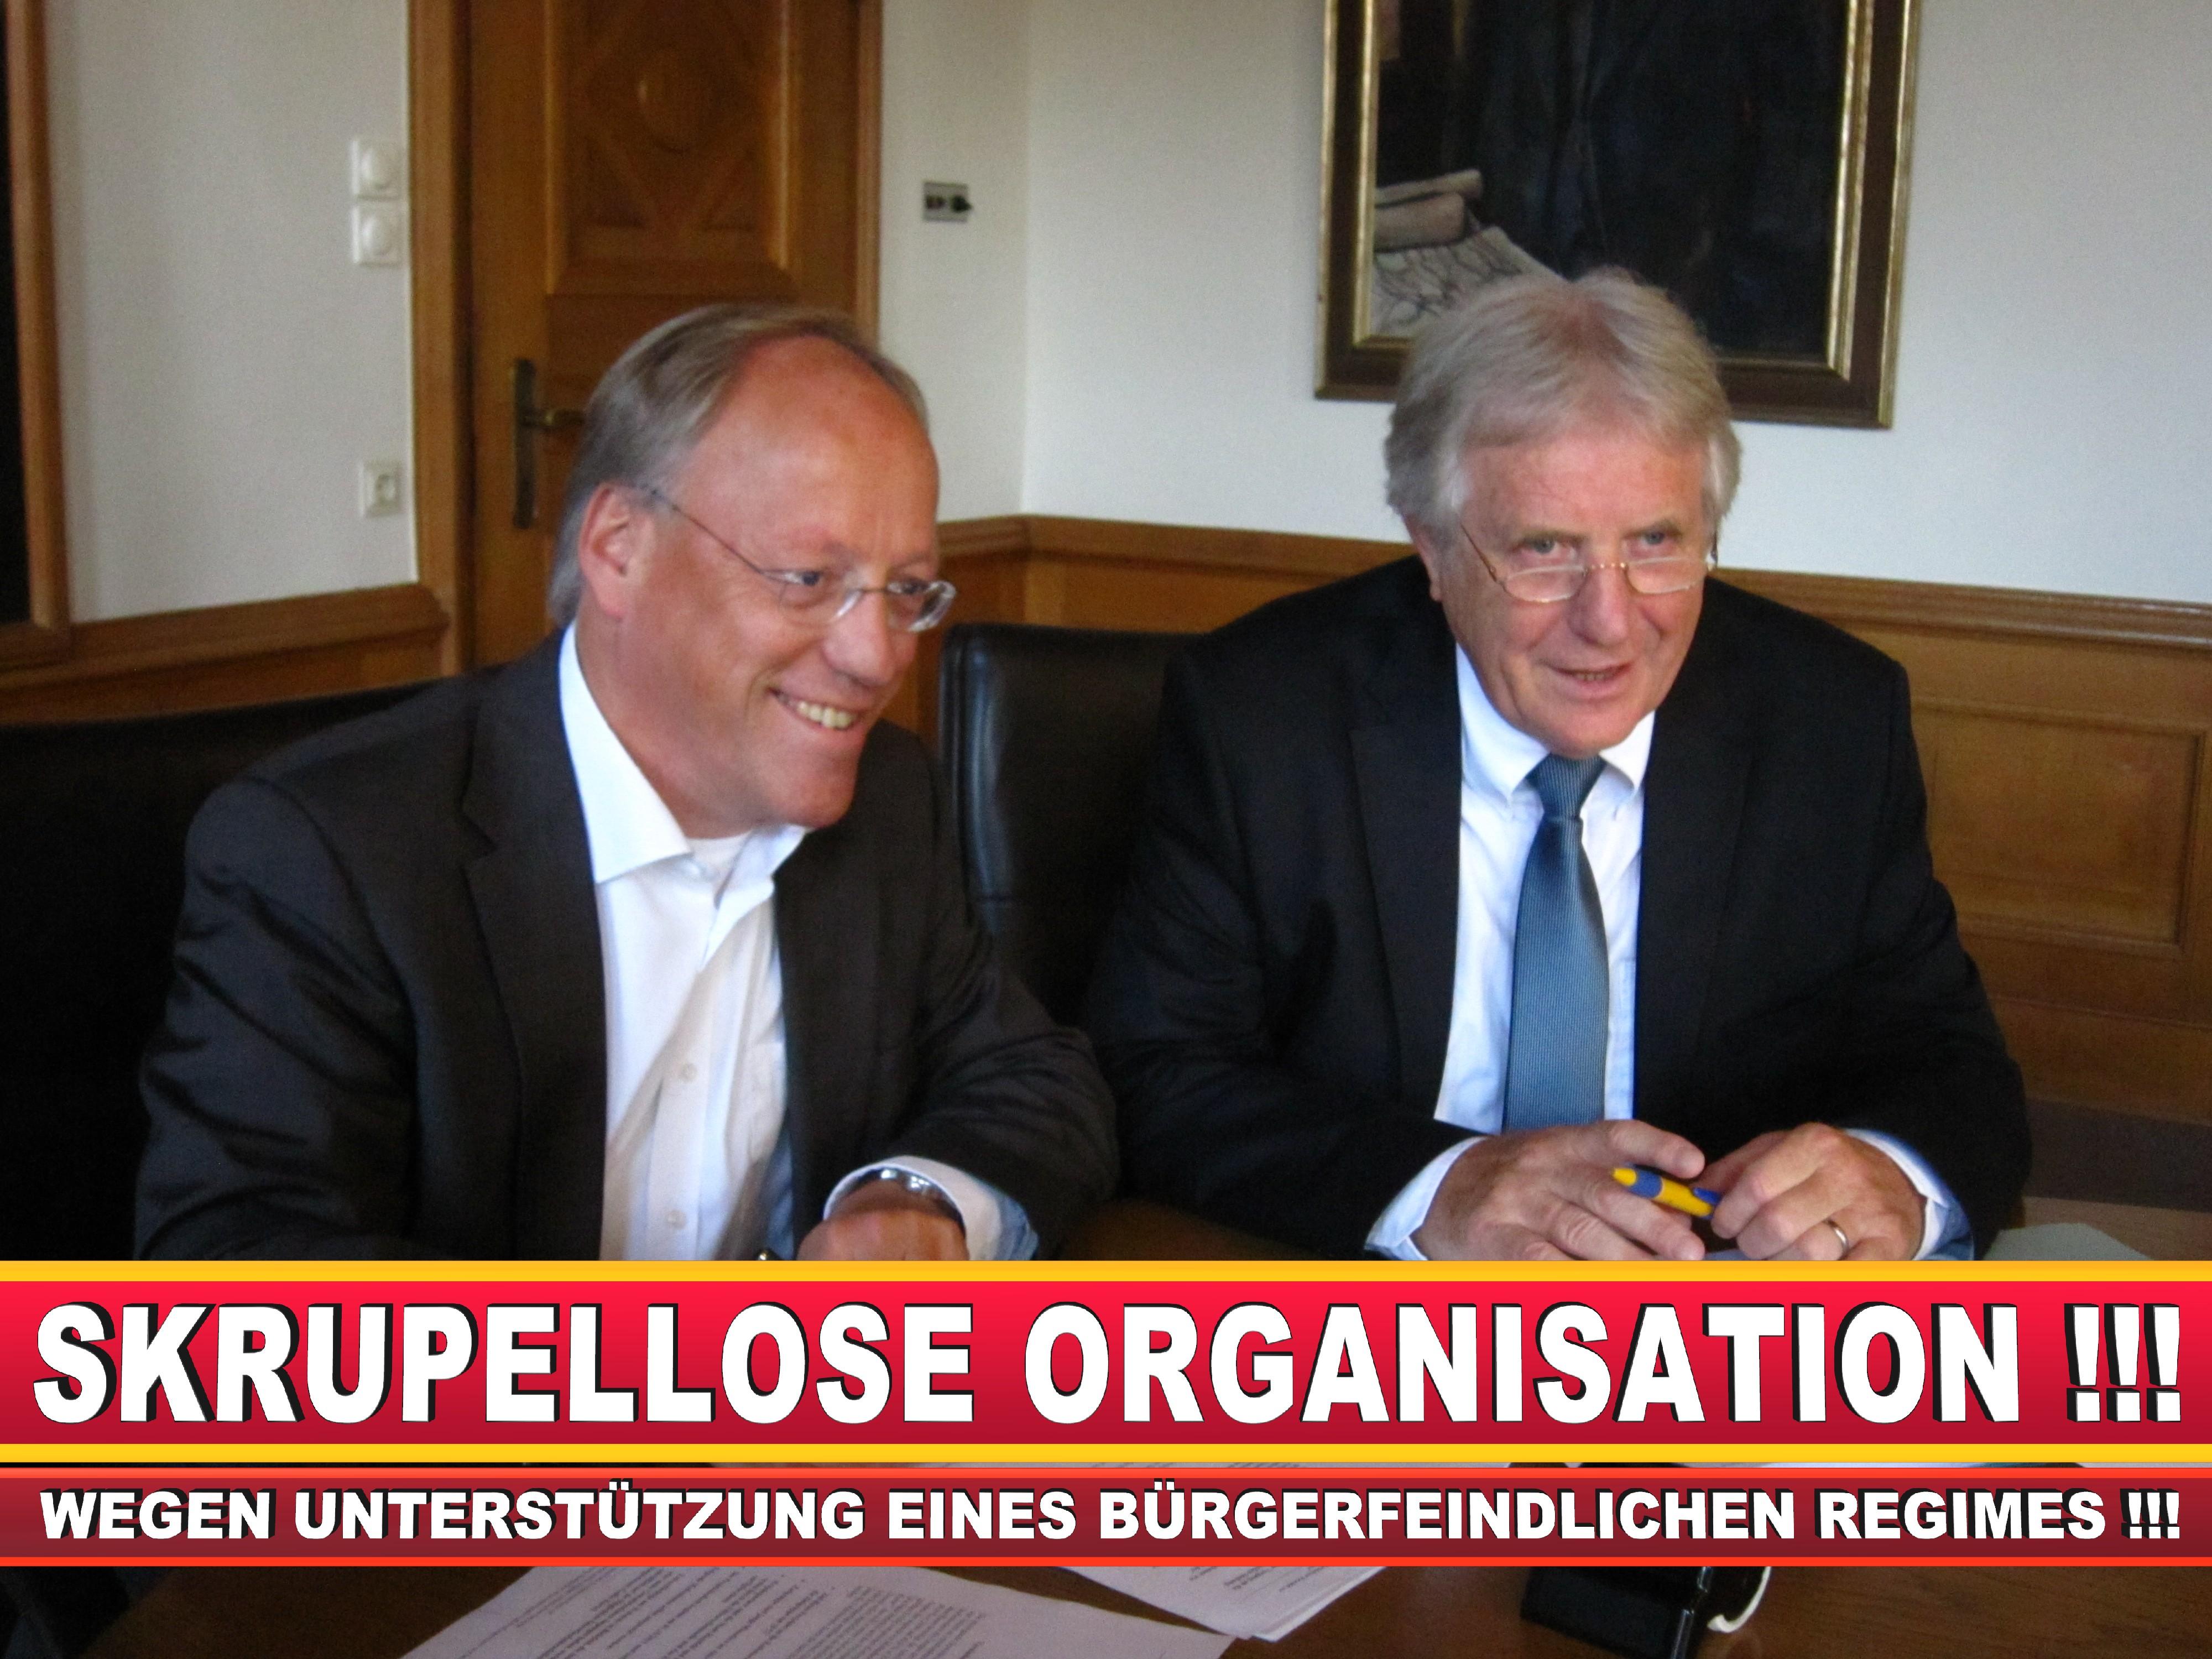 Polizeipräsident Erwin Südfeld Bielefeld Oberbürgermeister Bürgermeister Peter Clausen Pit Clausen Bielefeld (68)